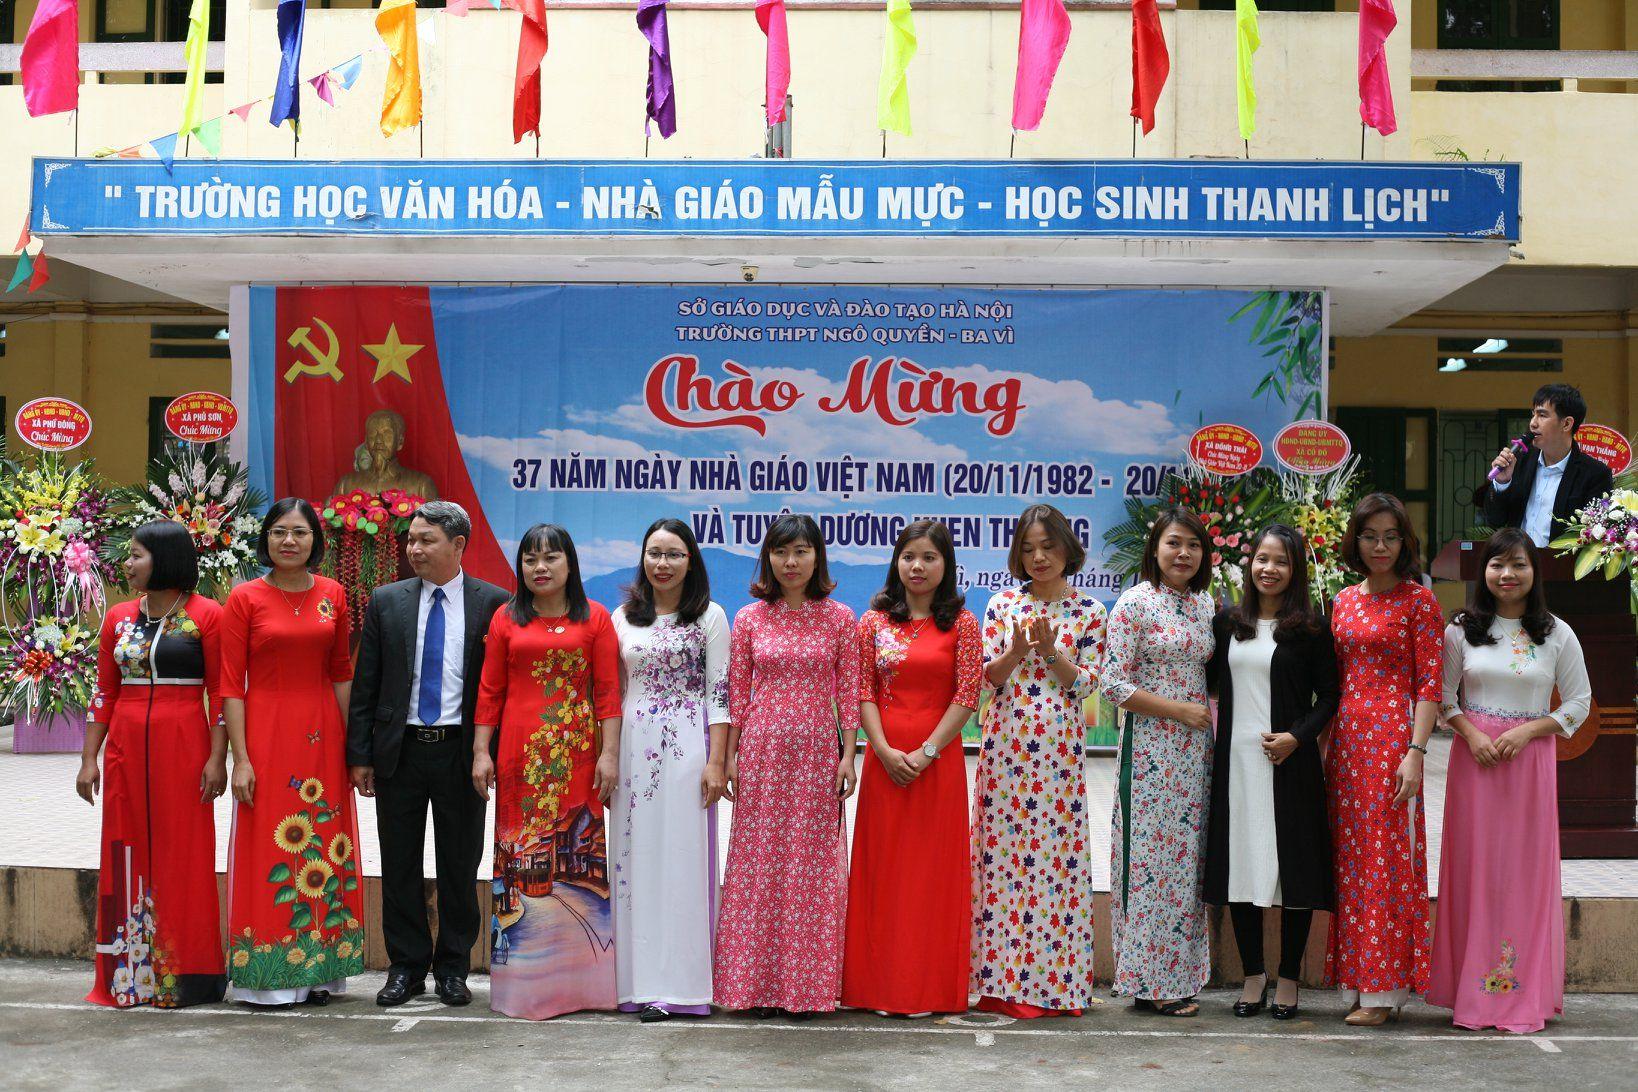 Lễ đón Trường chuẩn quốc gia và kỉ niệm ngày nhà giáo Việt Nam